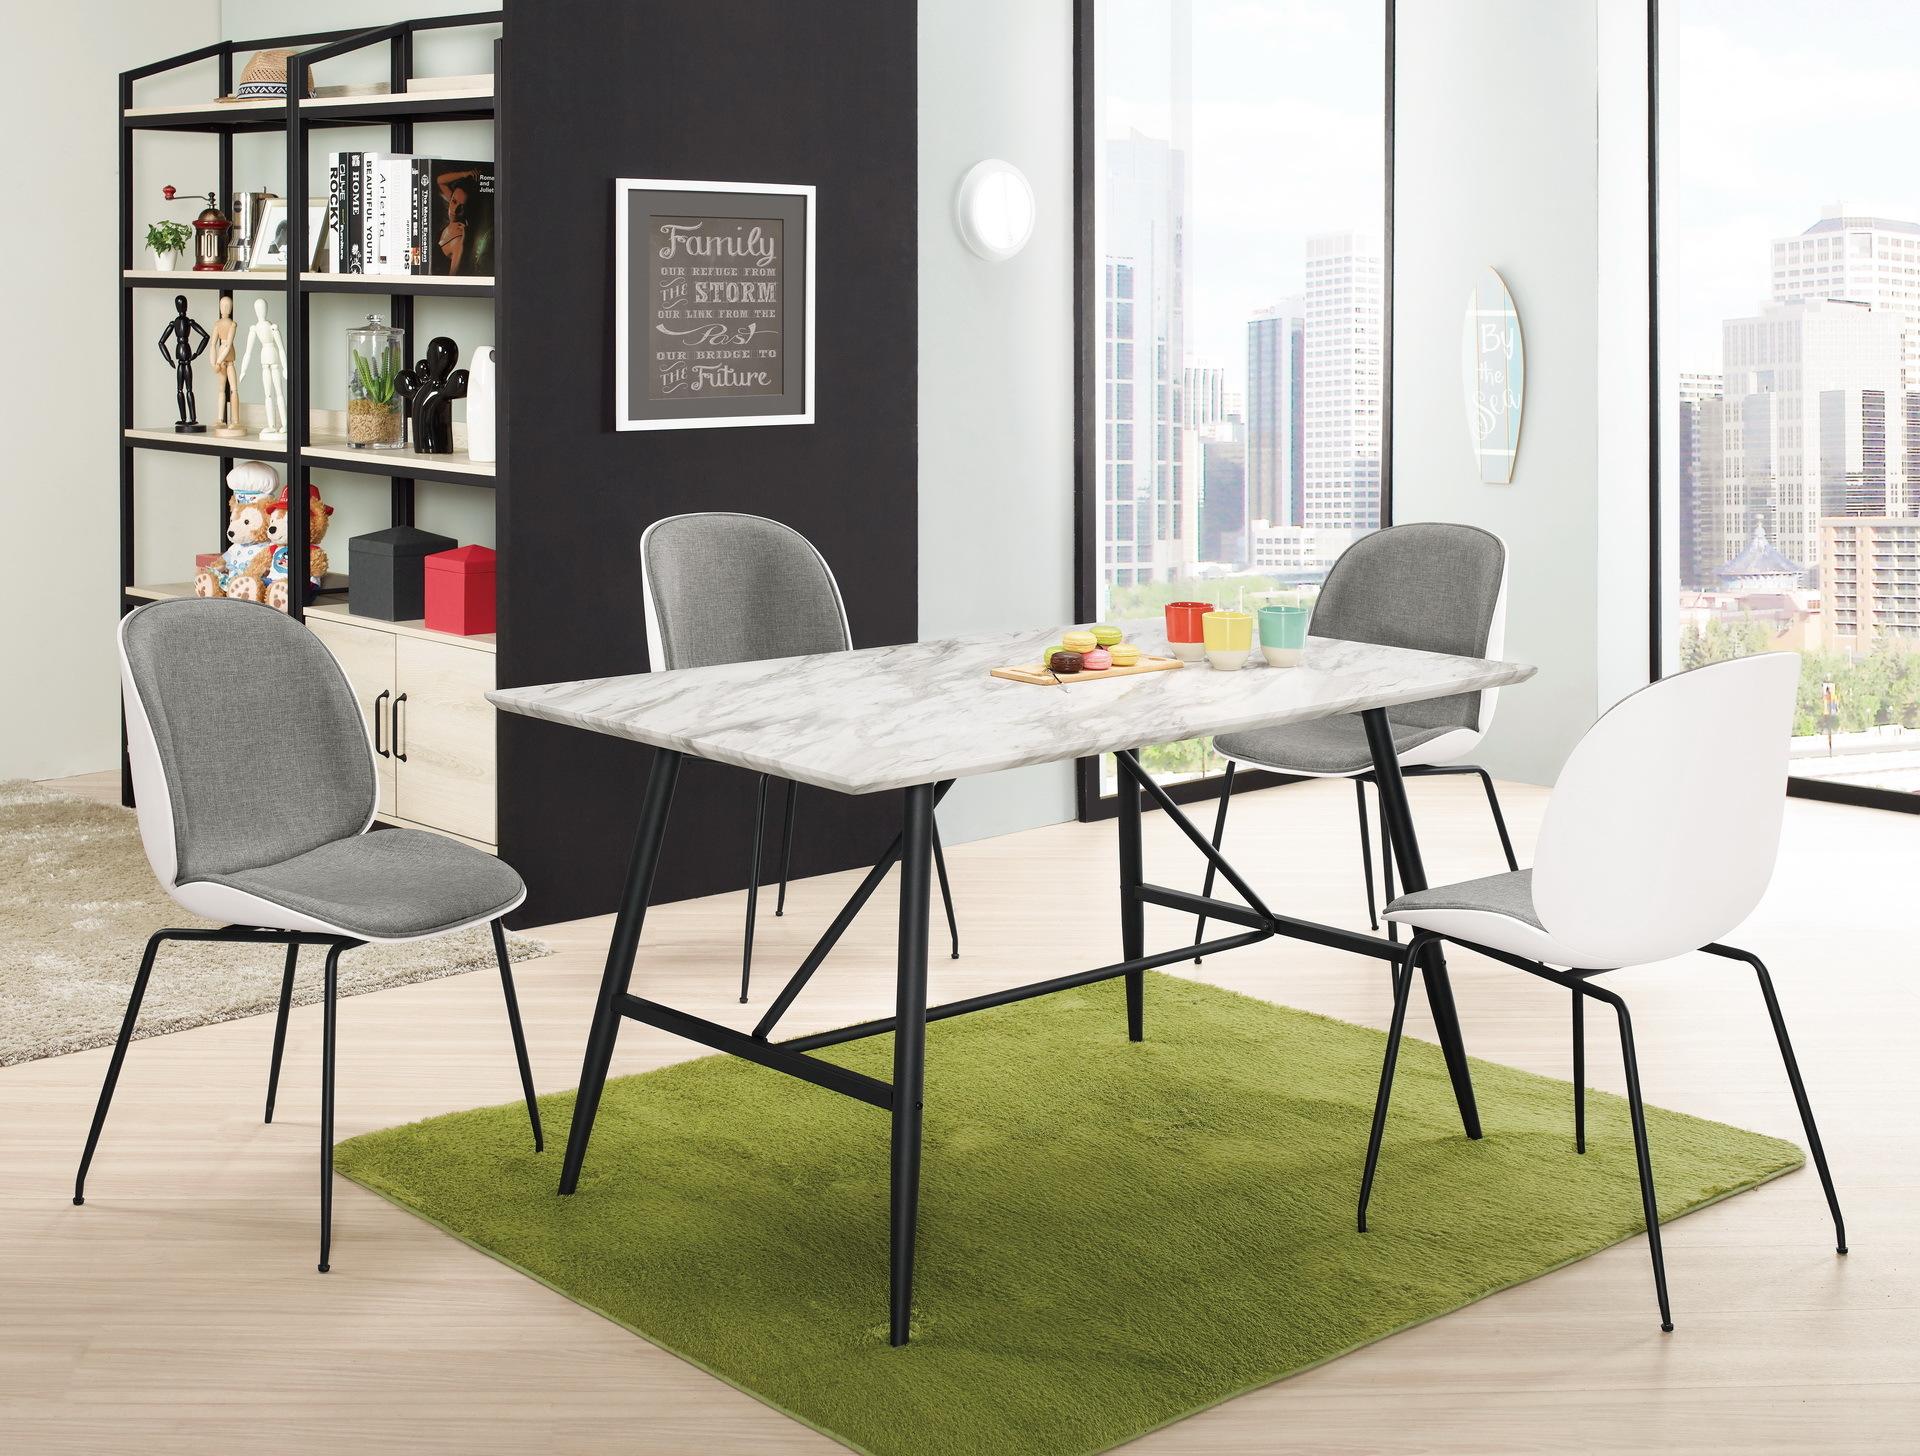 469-1 列維斯4.6尺餐桌+531-13.jpg